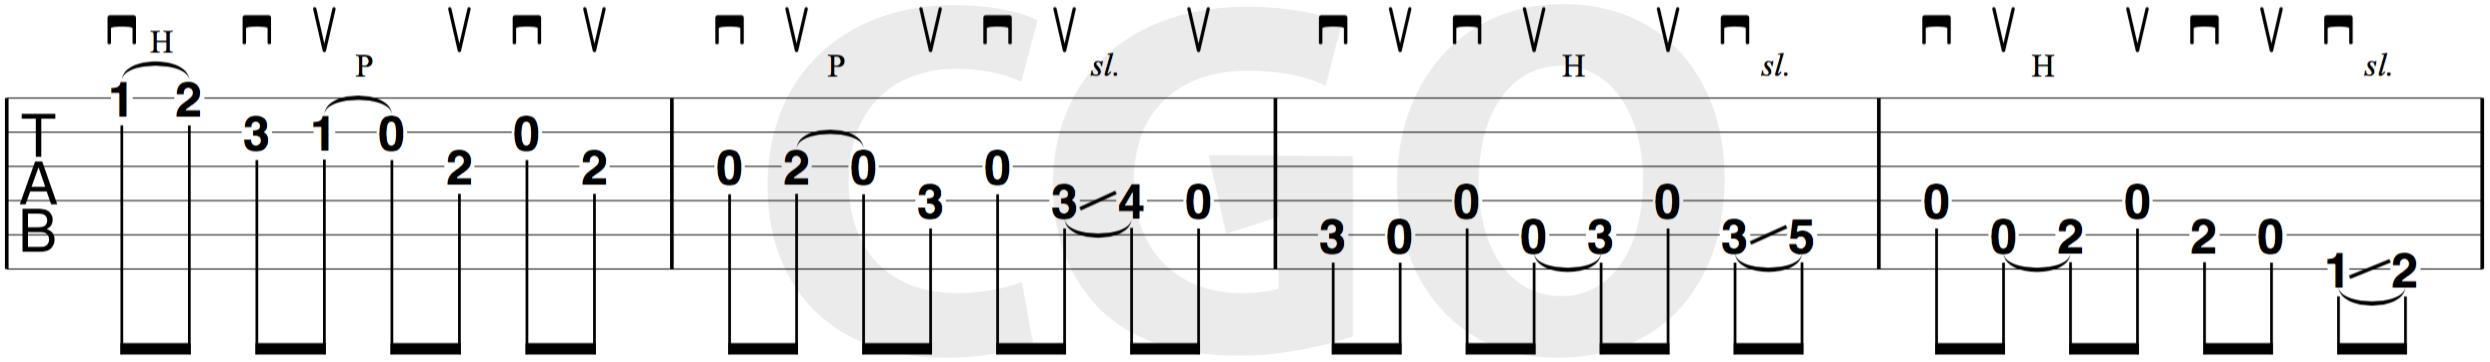 bluegrass-guitar-lick-tablature-bl-d0001